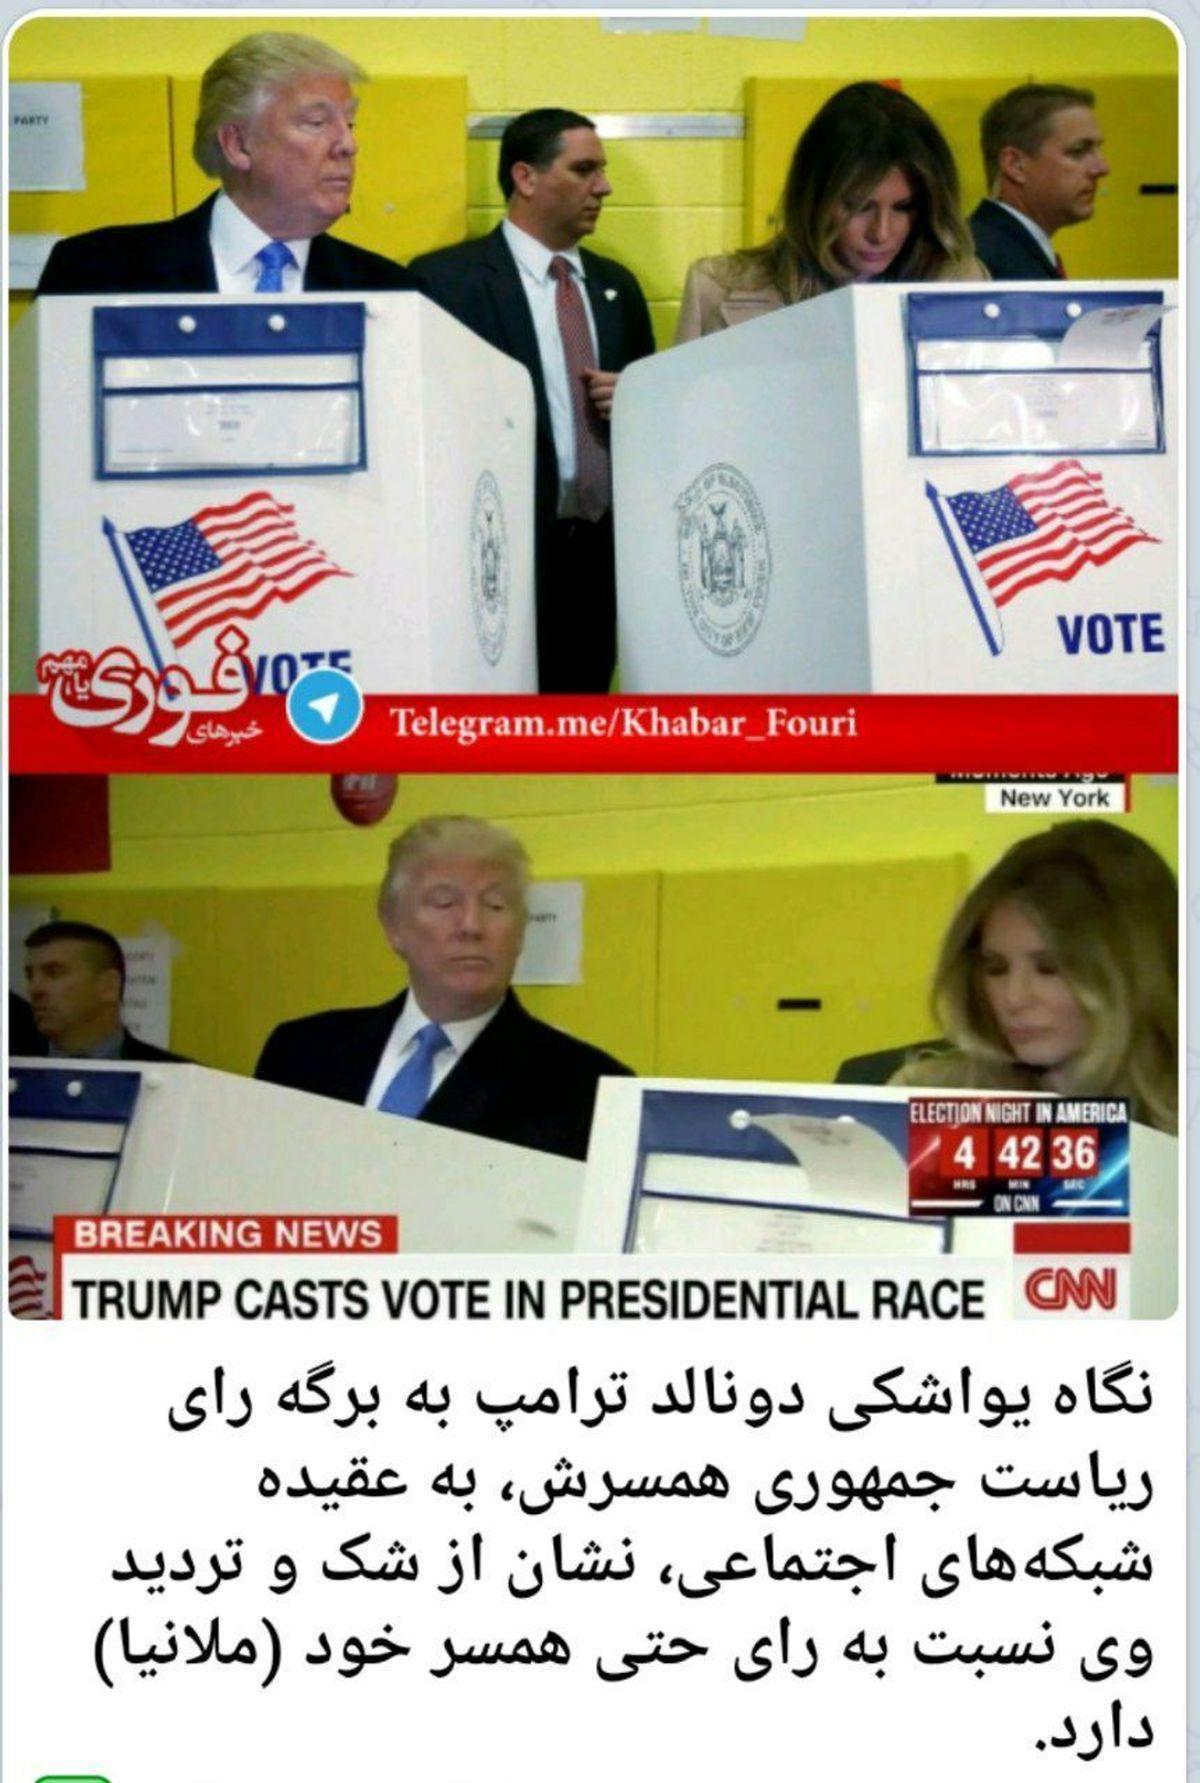 همسر ترامپ به کی رای داد؟+فیلم